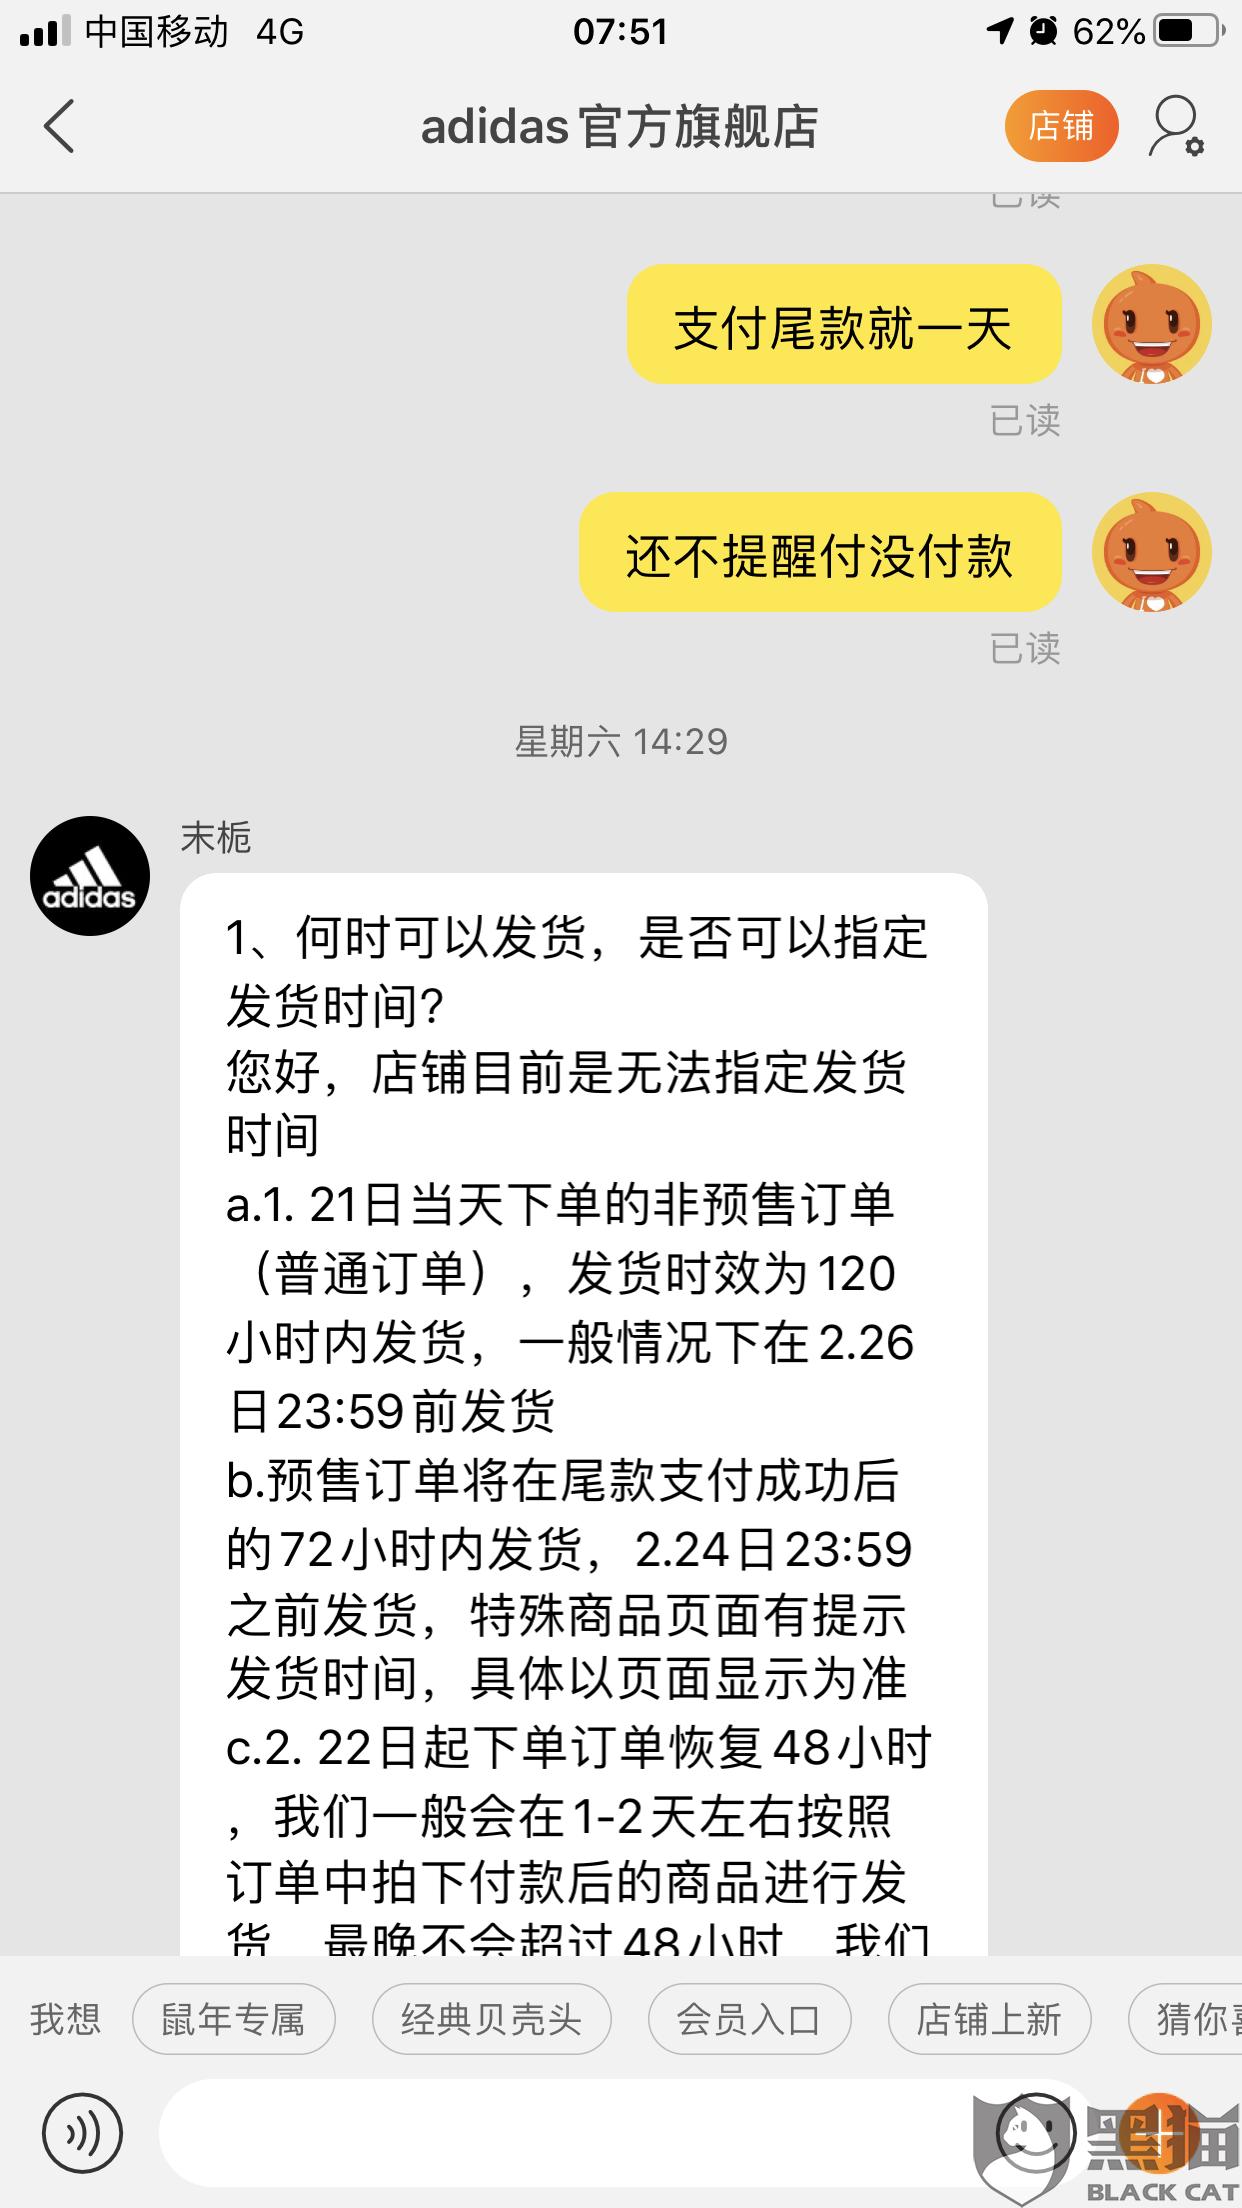 黑猫投诉:淘宝上的adidas官方旗舰店问题不处理,坑骗消费者